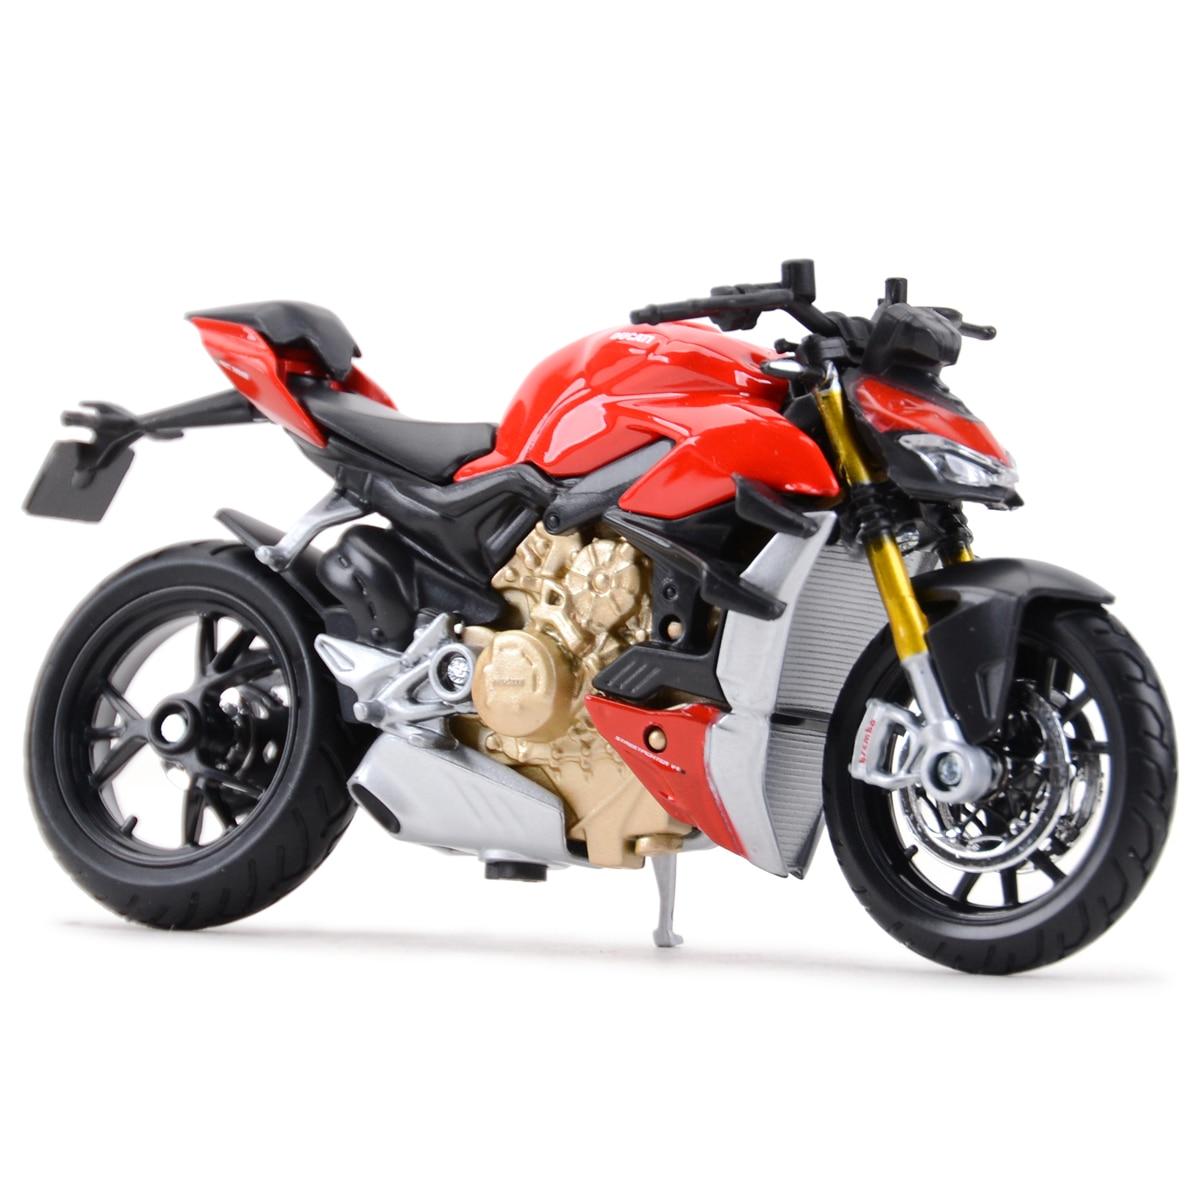 Maisto 1:18 Ducat супер Голые V4 S статические литые автомобили, коллекционные хобби модель мотоцикла, игрушки